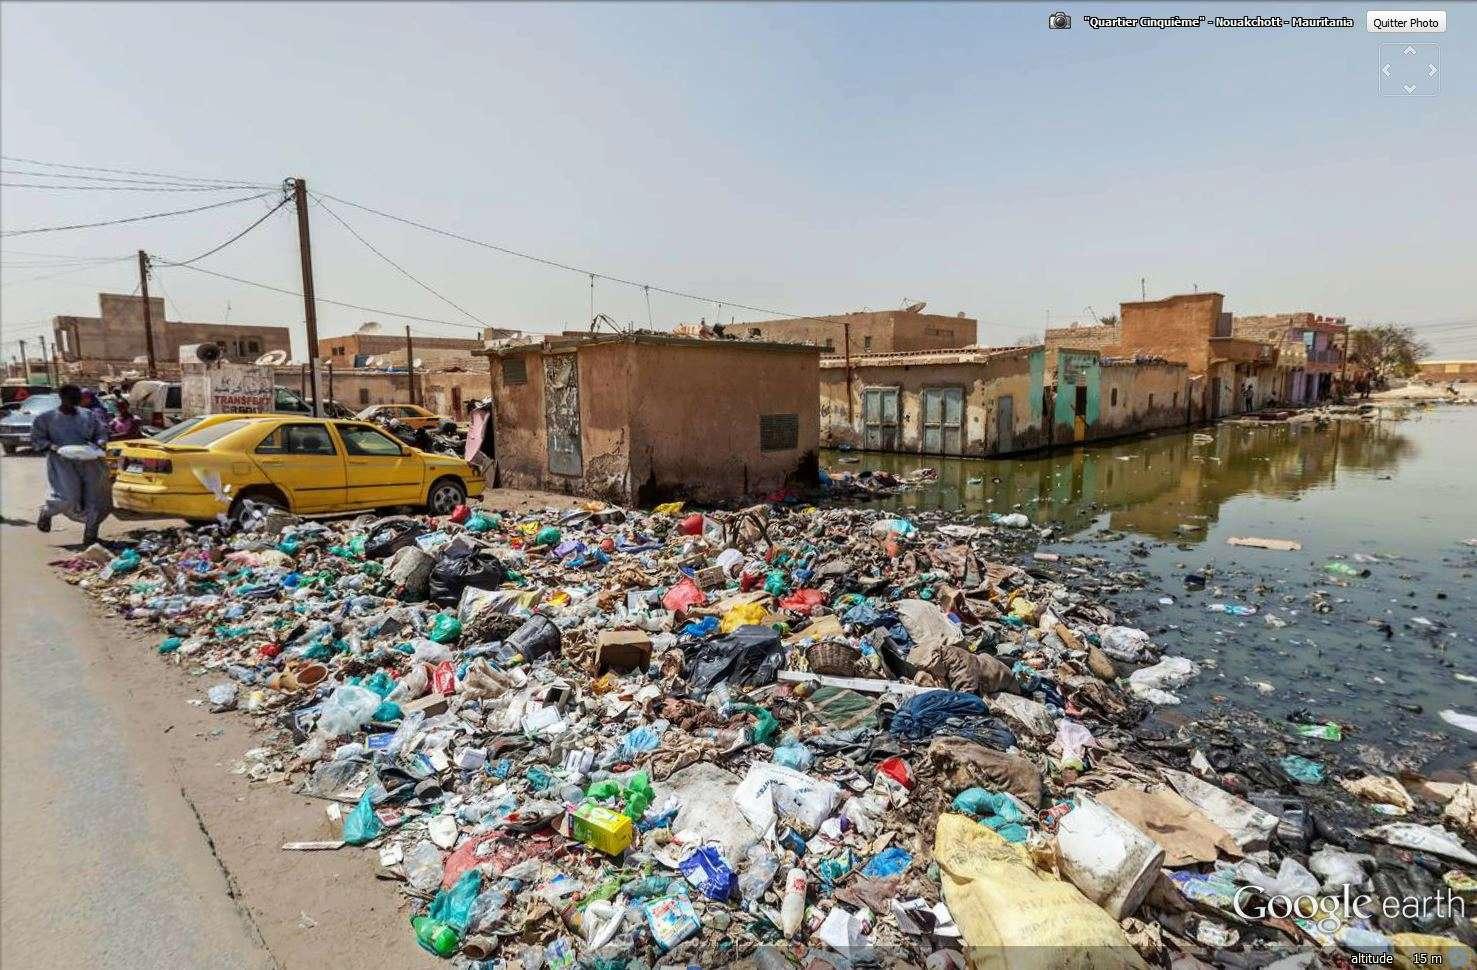 En Afrique avec 360 Cities - Page 2 Sans_t61